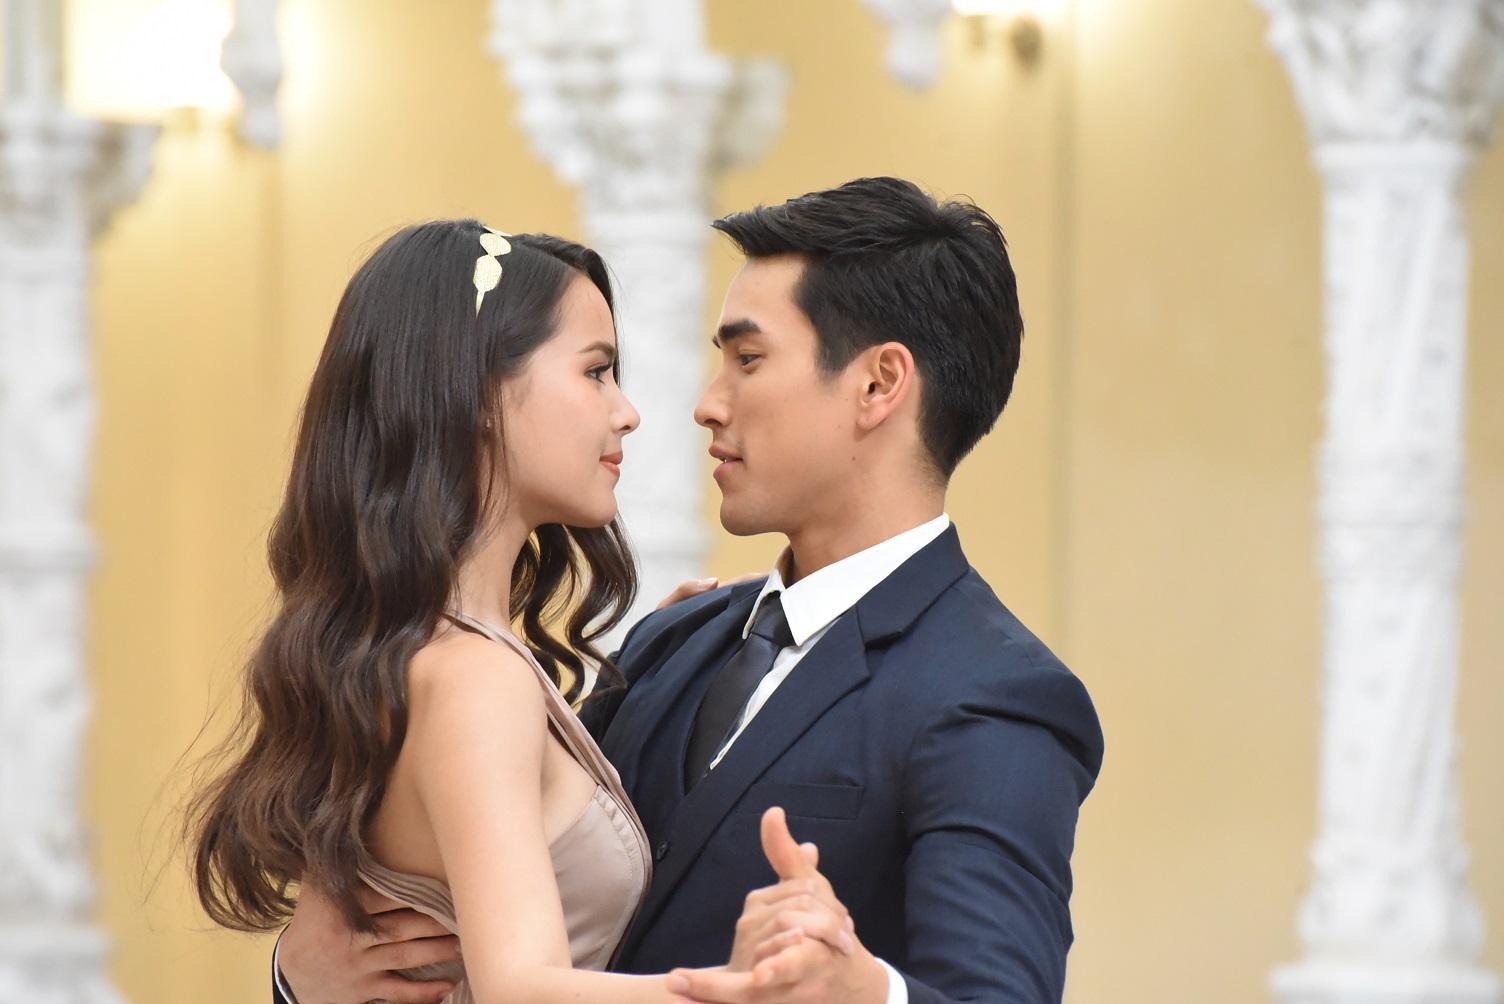 Dàn sao seri phim hoành tráng nhất Thái Lan sau 8 năm: Nam nữ chính nên duyên, đồng loạt đổi đời thành sao hạng A - Ảnh 7.